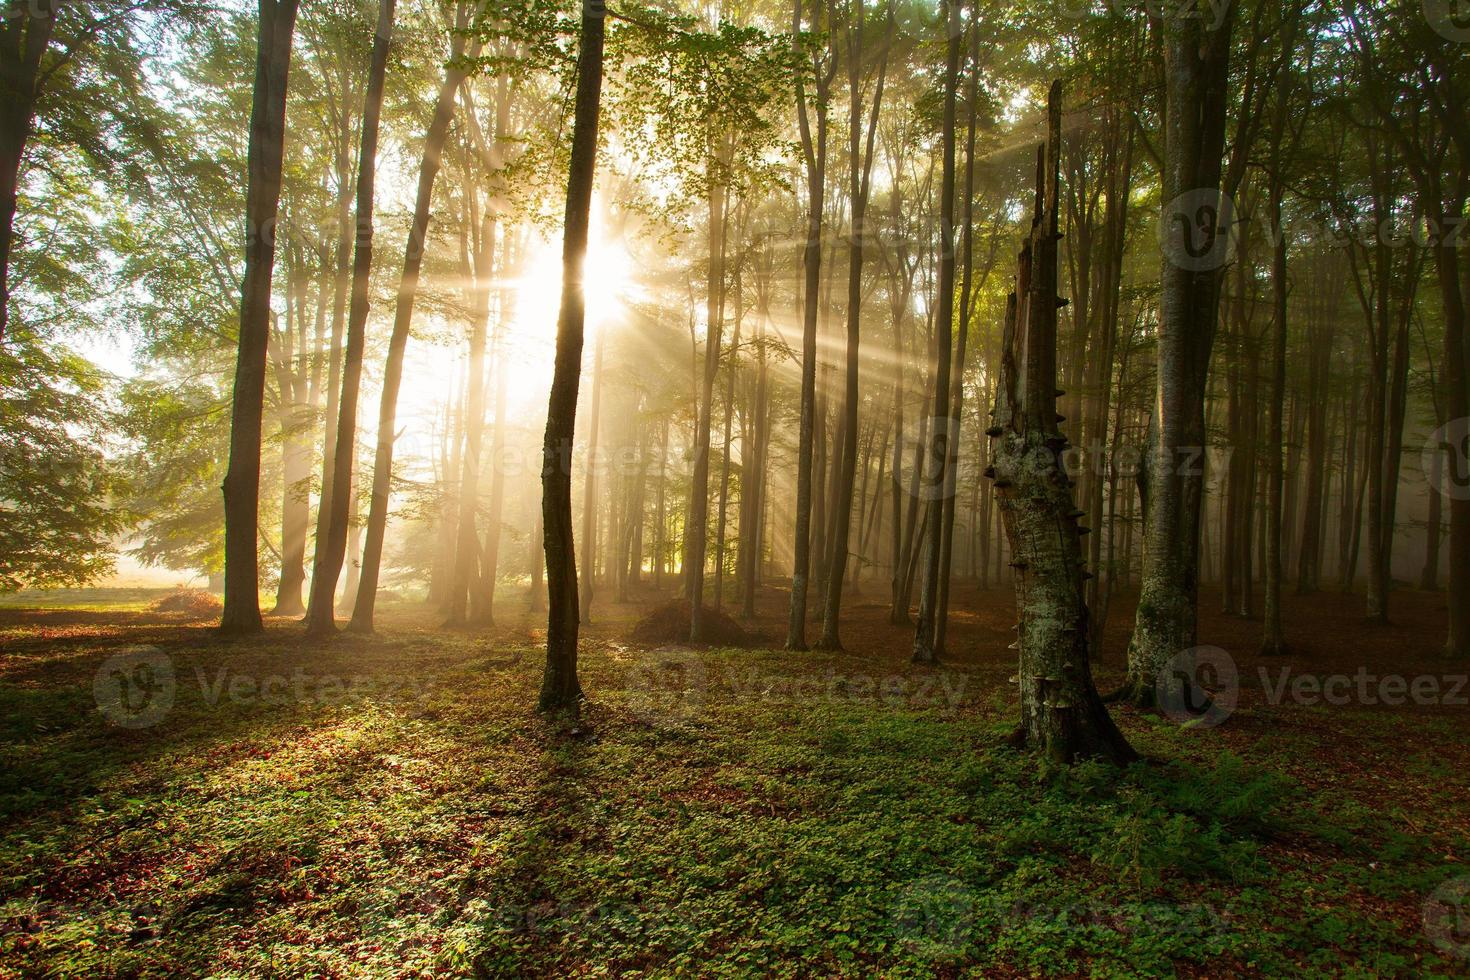 höst skogsträd. natur grön trä solljus bakgrunder. foto